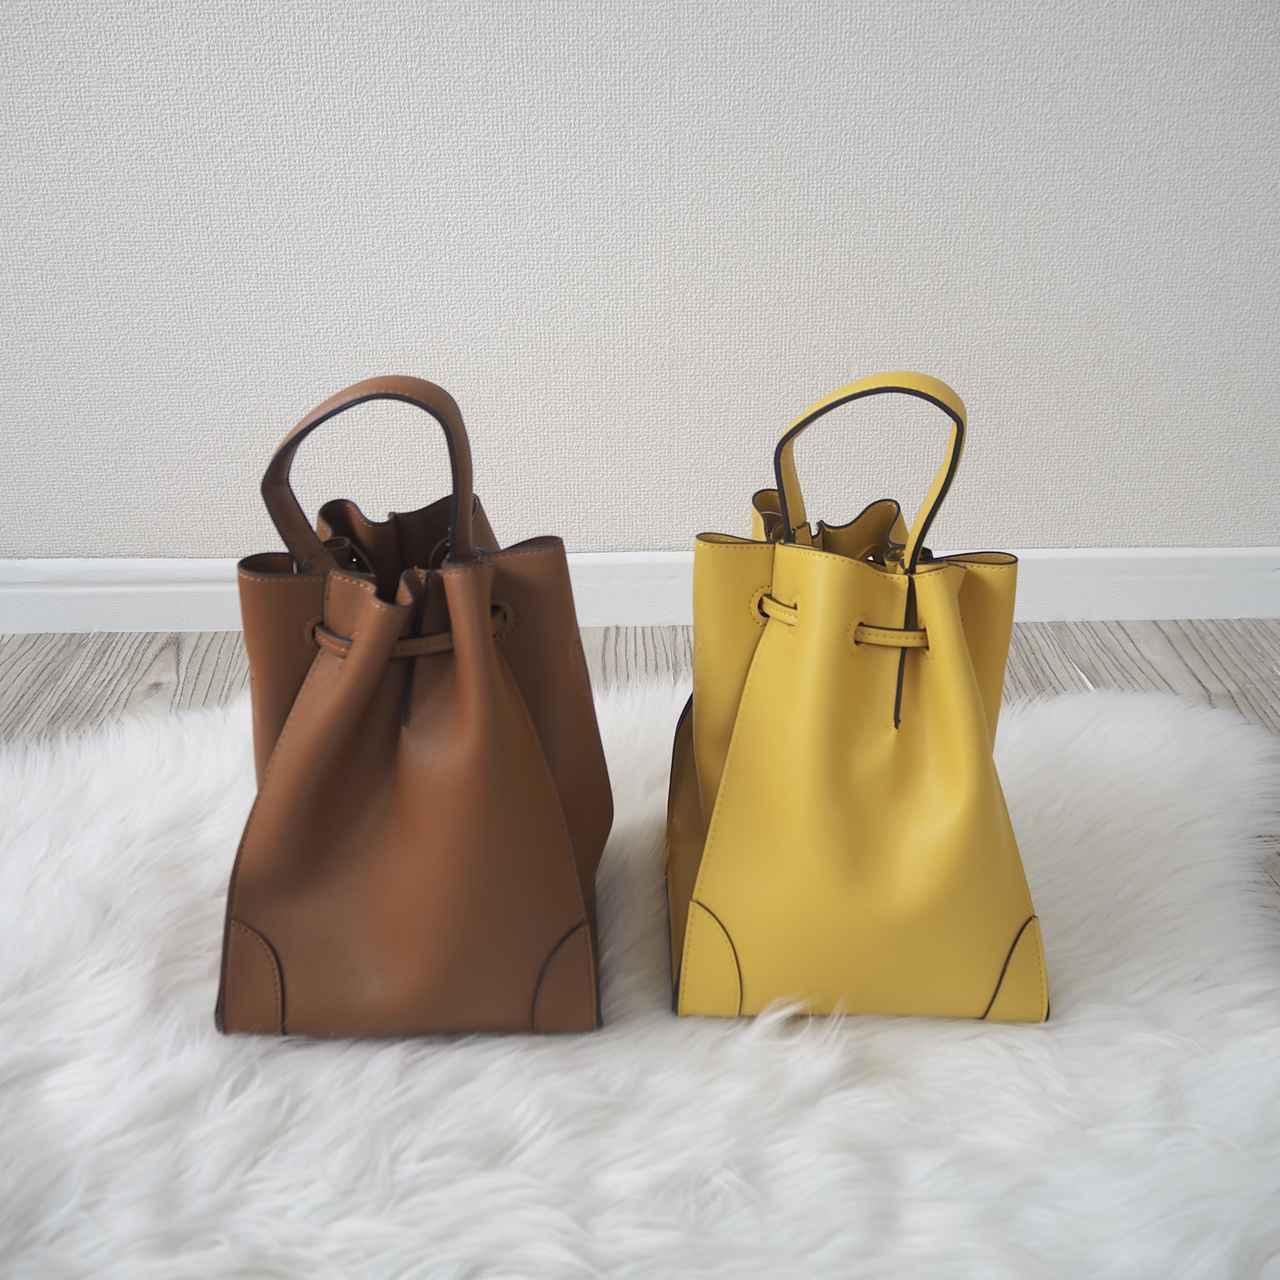 画像: ポケットを後ろにするとシンプルなバッグに変身。 www.instagram.com